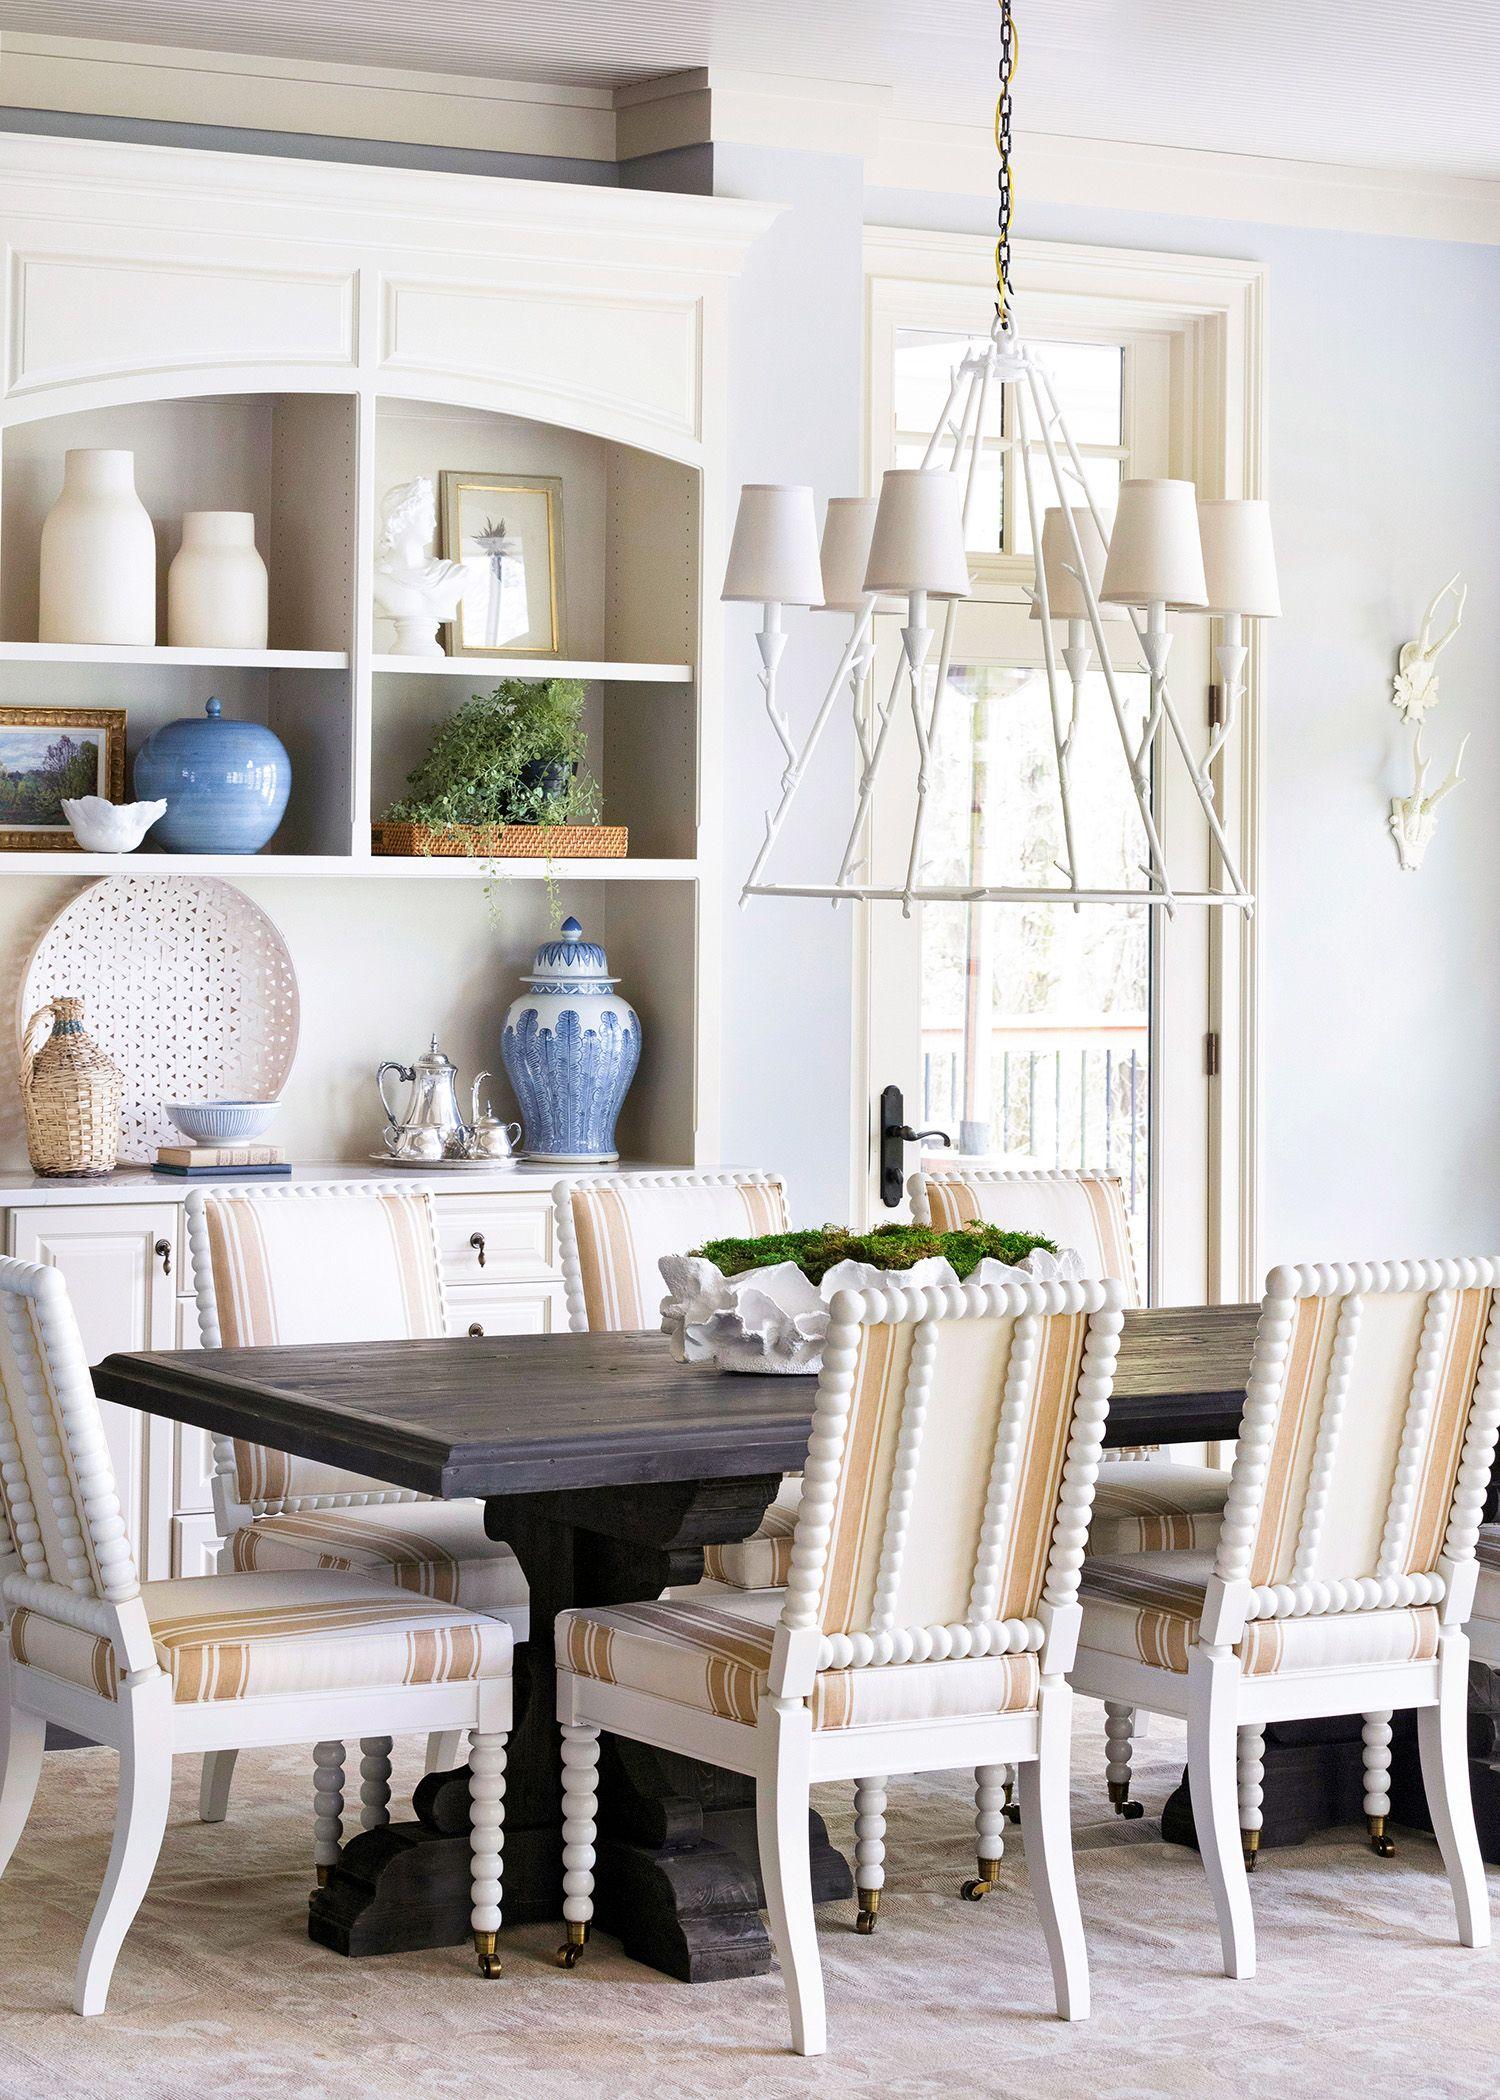 43++ Home decor ideas 2020 ideas